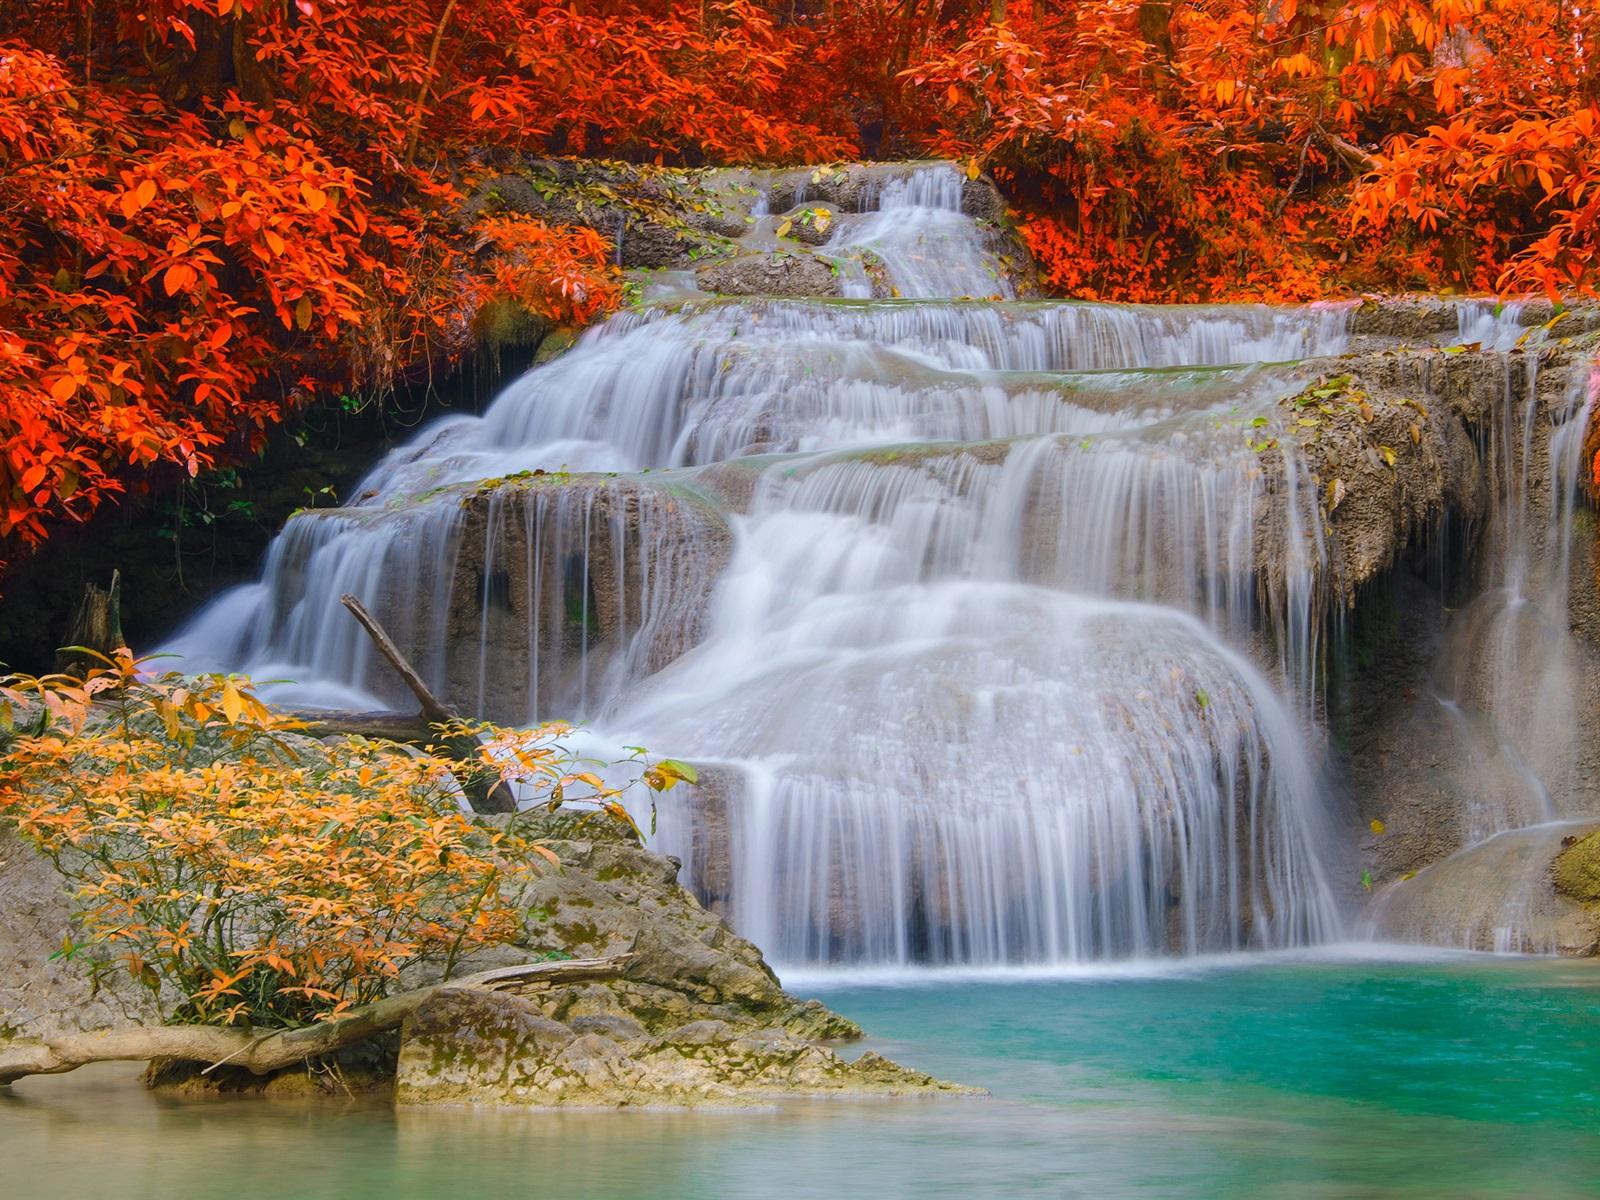 滝、秋、木、紅葉 壁紙 | 1600x1200 壁紙ダウンロード ...